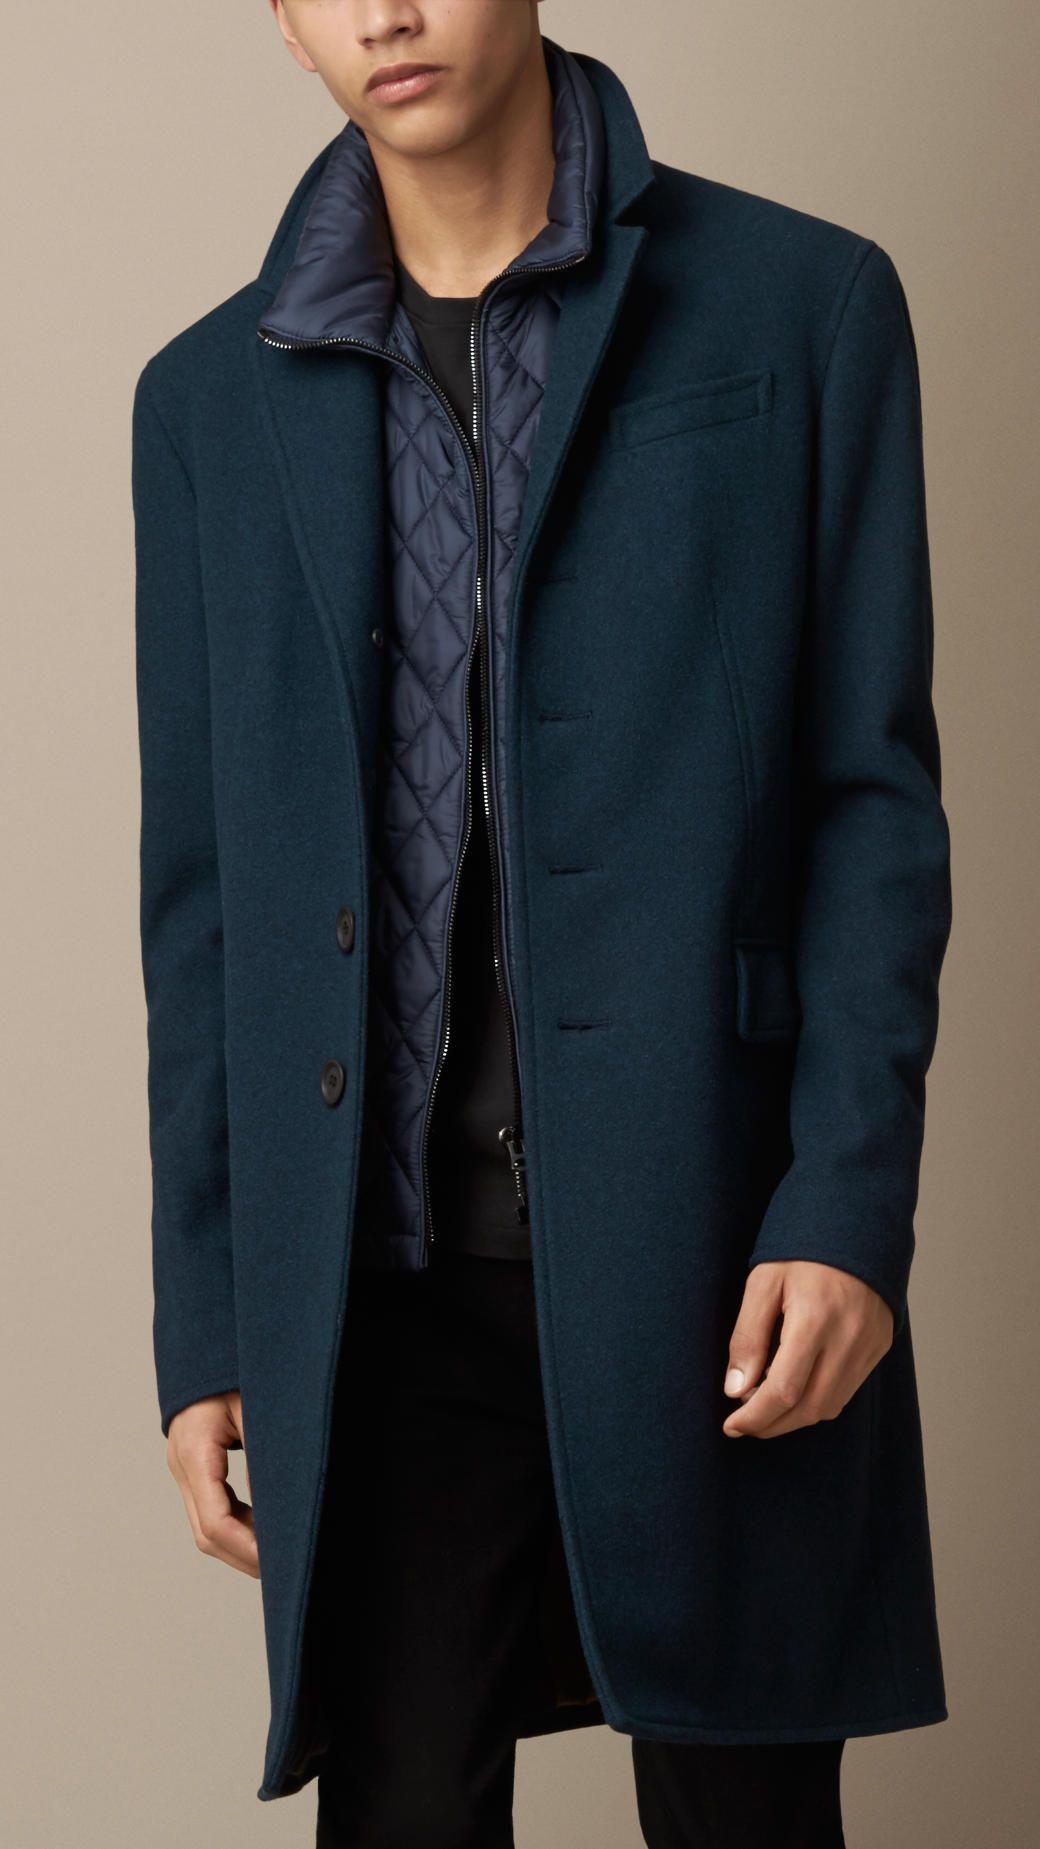 c762218c009518 Manteau en cachemire et laine Melton avec gilet intérieur   Burberry